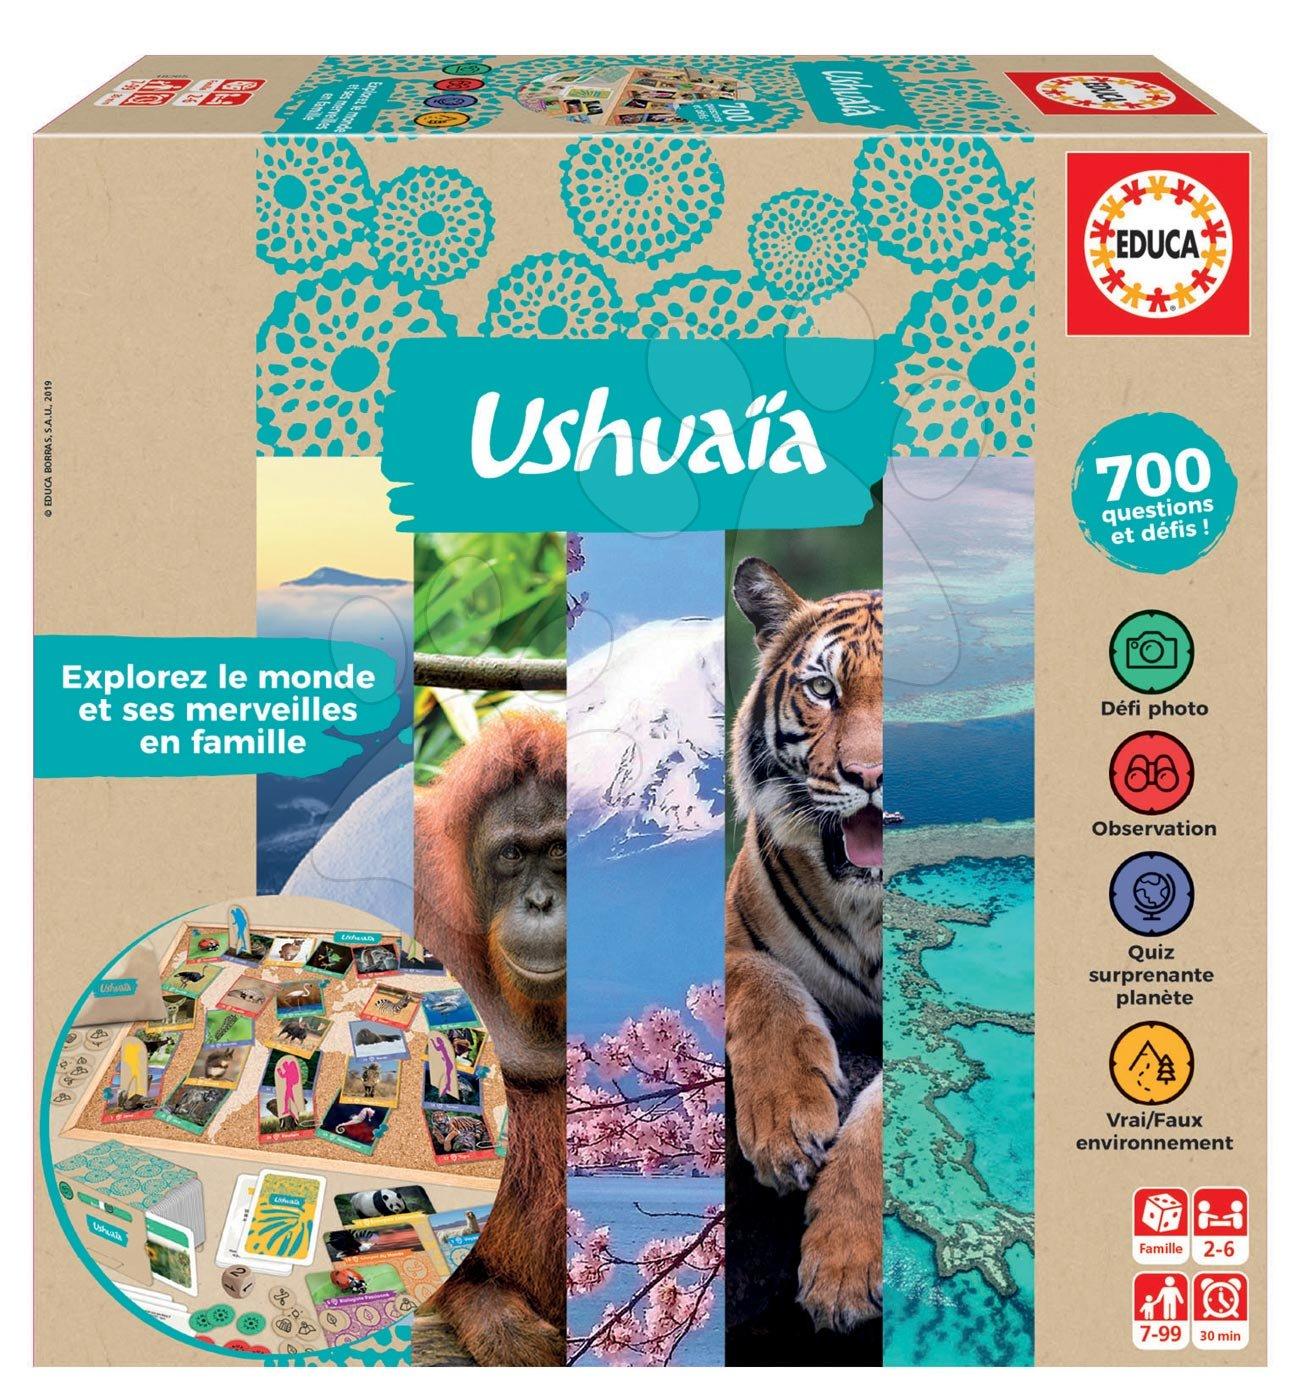 Spoločenská hra Jeu Ushuaia Junior Educa po francúzsky pre 2-6 hráčov 700 otázok od 7 rokov